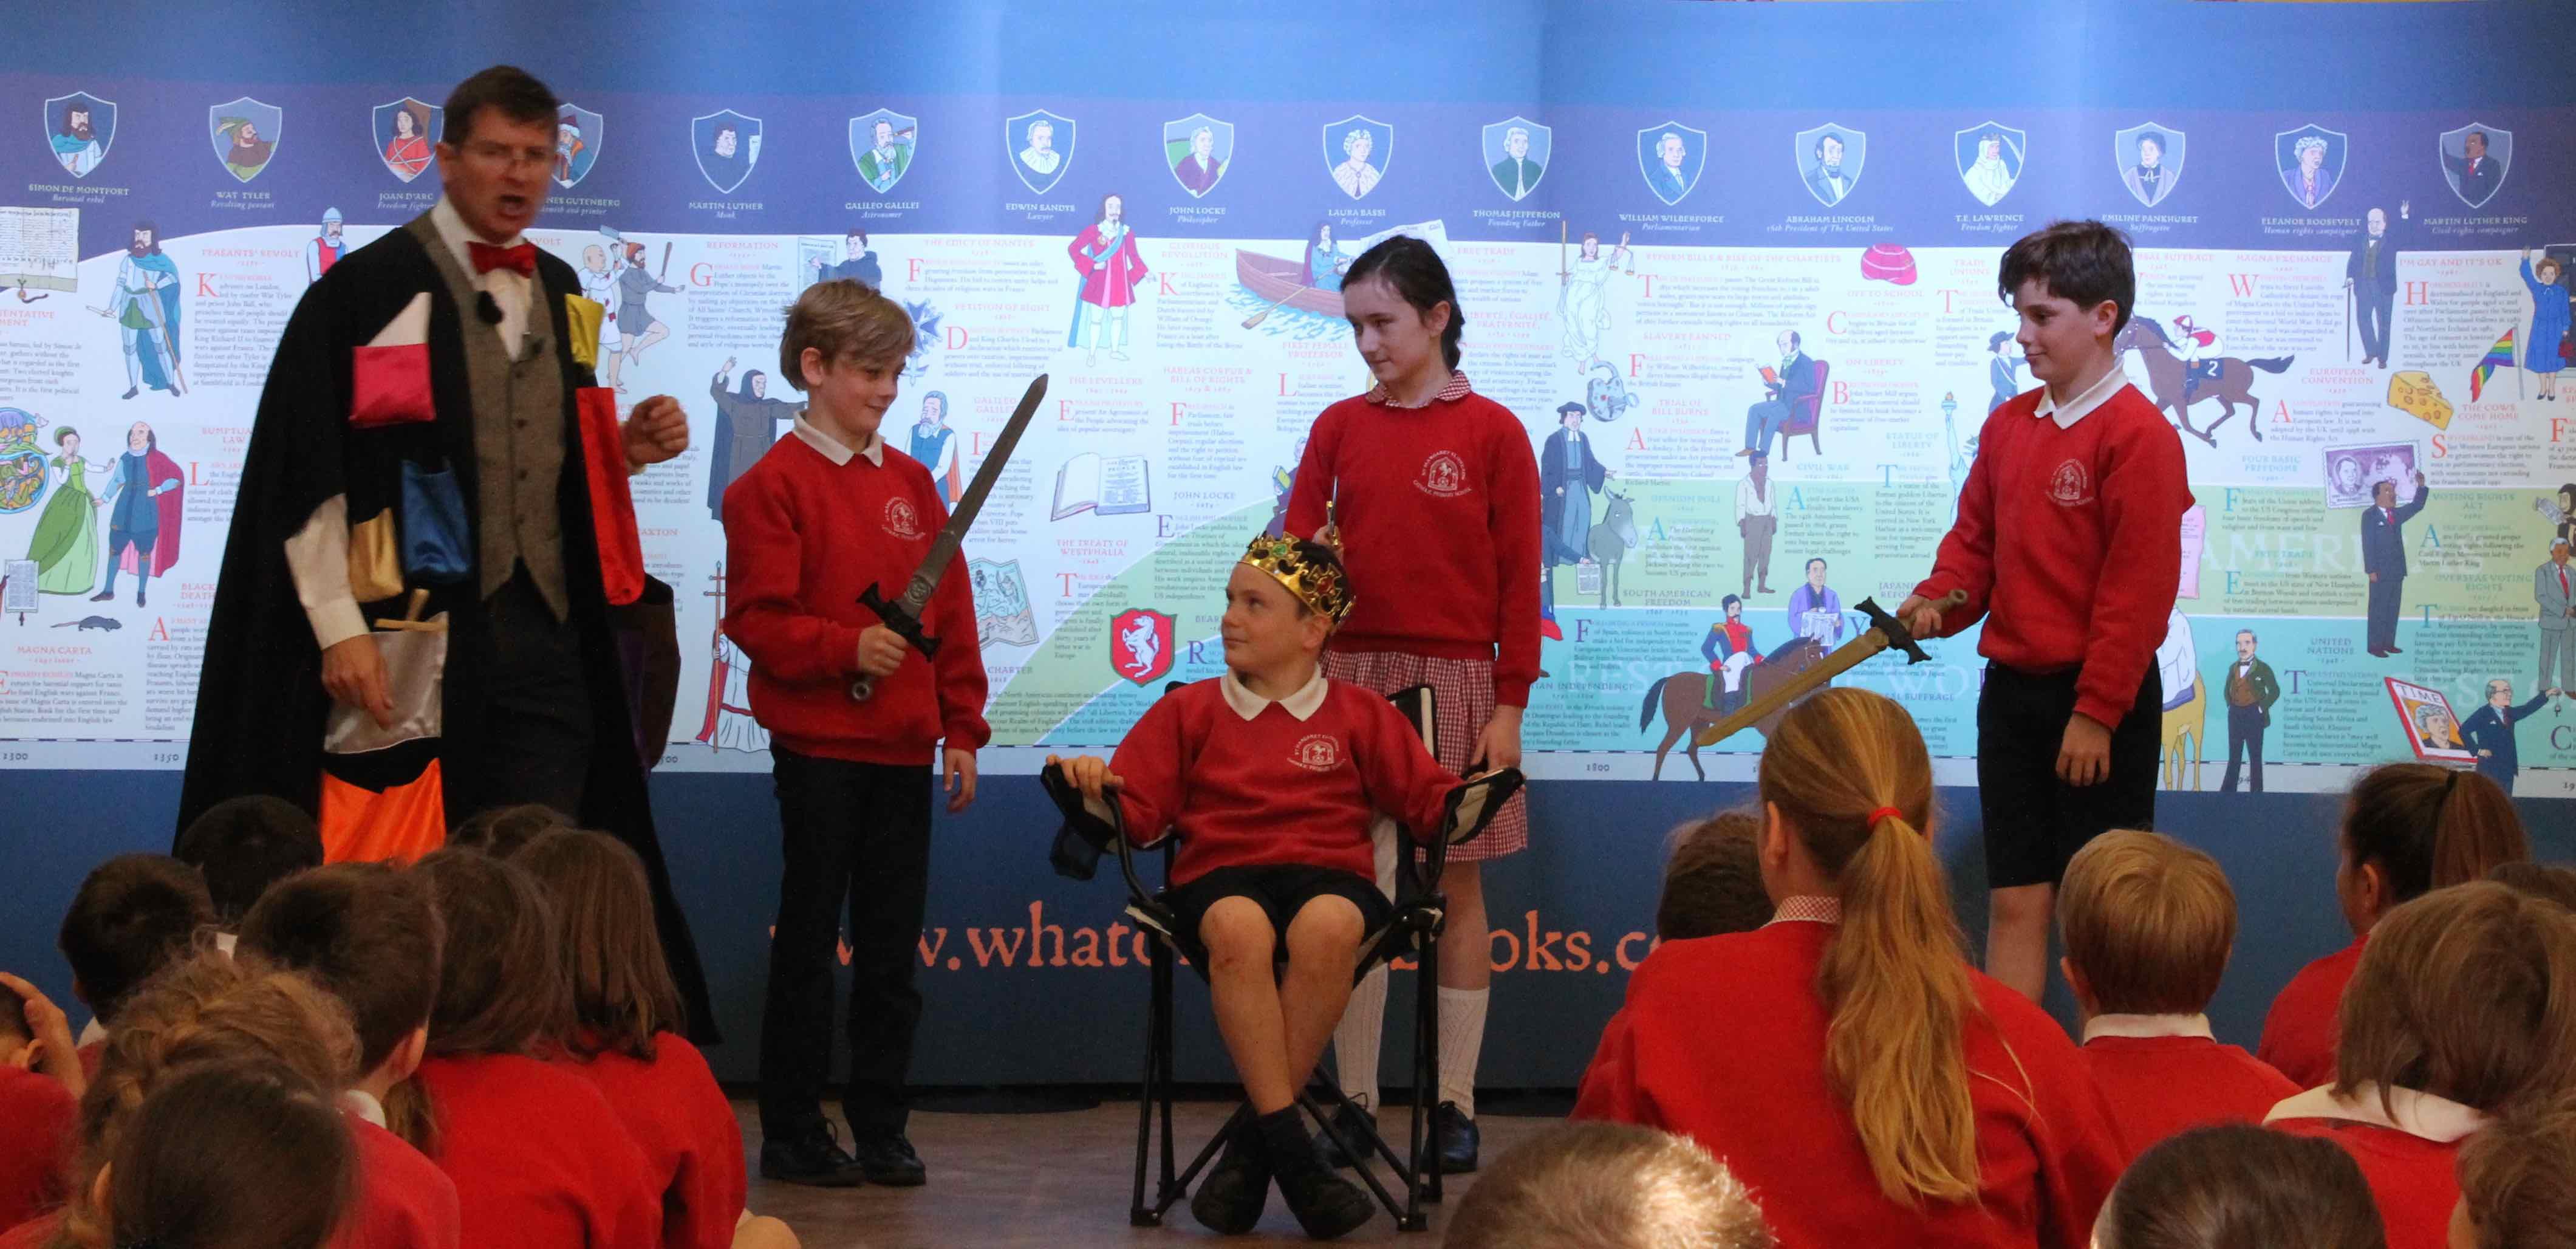 Magna School School Talk with Christopher Lloyd